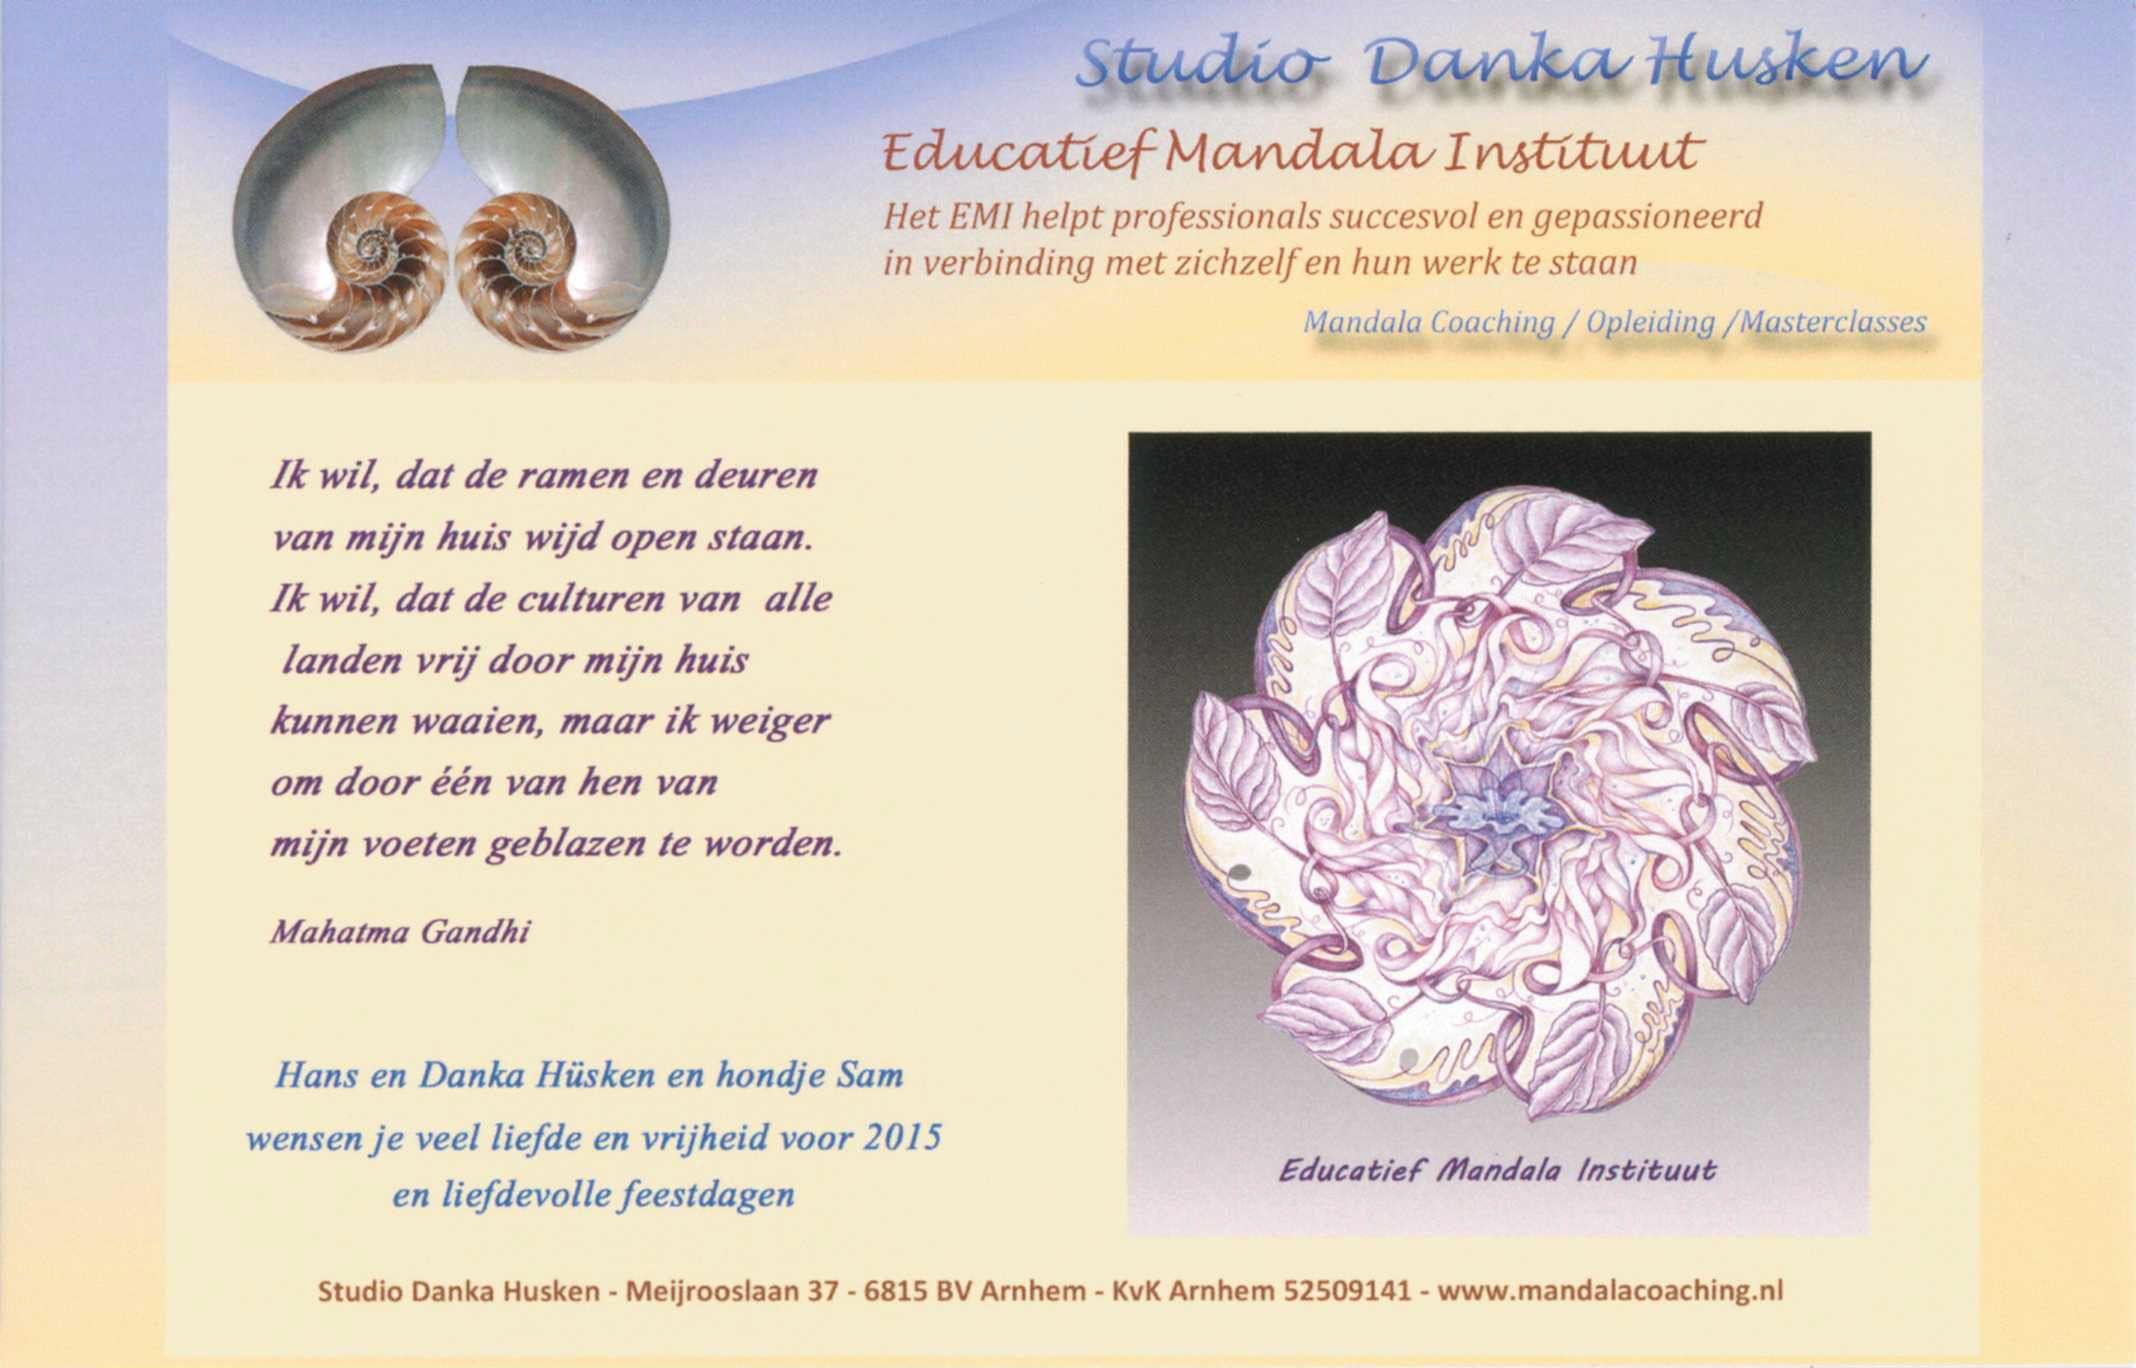 Lieve vrienden, het Educatief Mandala Instituut wenst jullie fijne Kerstdagen en een heel bijzonder 8 - Lemniscaat - jaar toe! Met een citaat van Gandhi dat aansluit op onze Kerst- en Nieuwjaarsgroet 2014 - 2015: Transformeren doe je zelf, door boven en onder te verbinden en te leven!